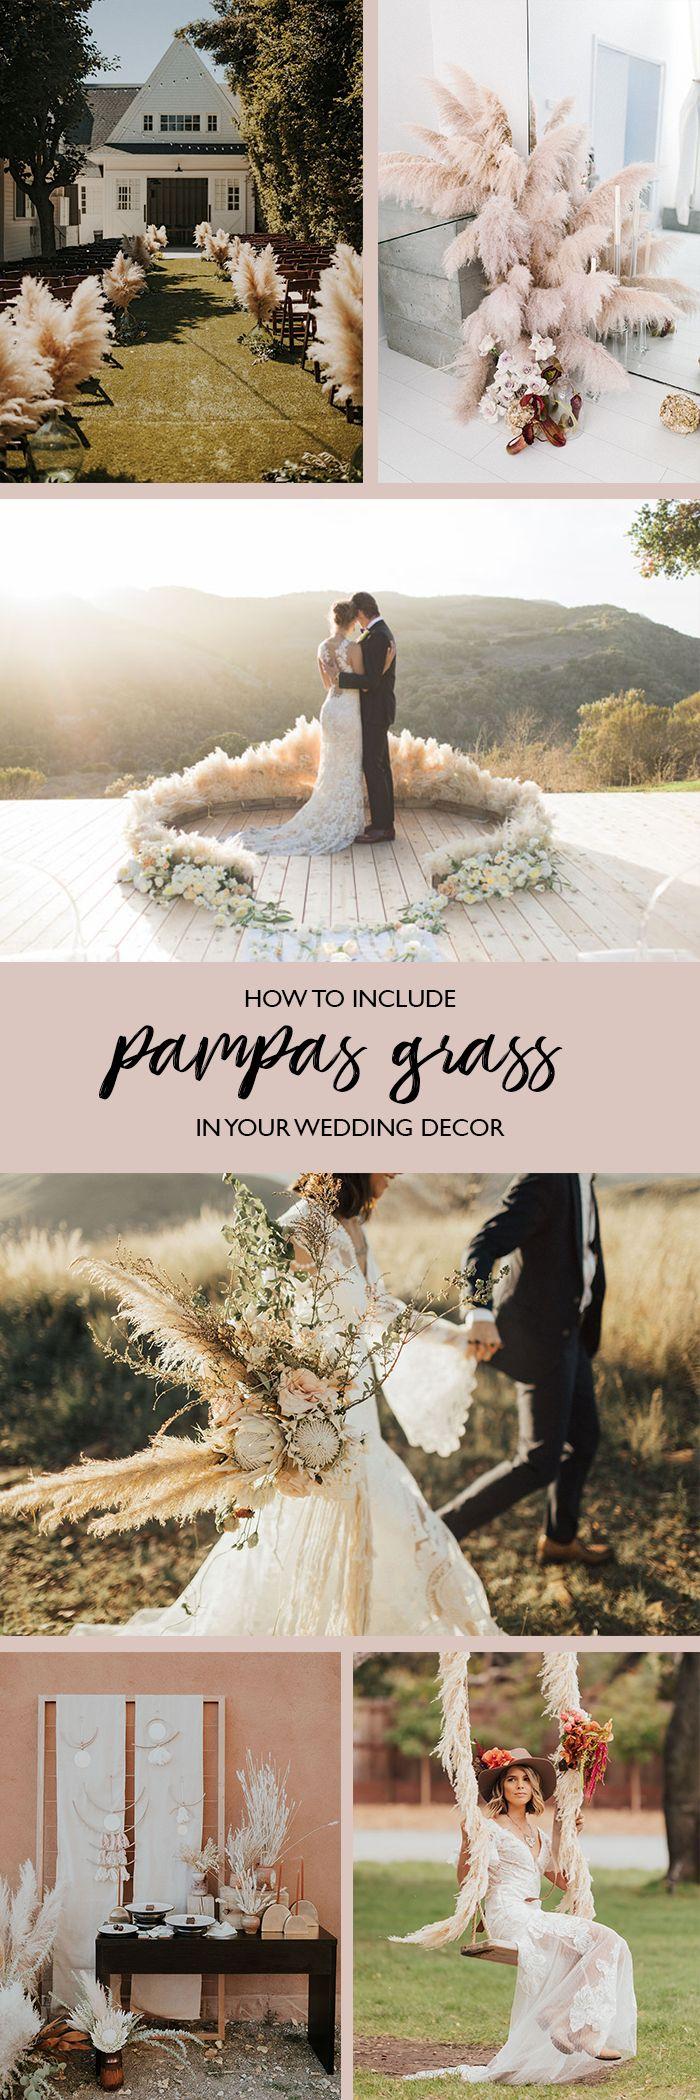 pampas grass in wedding decor